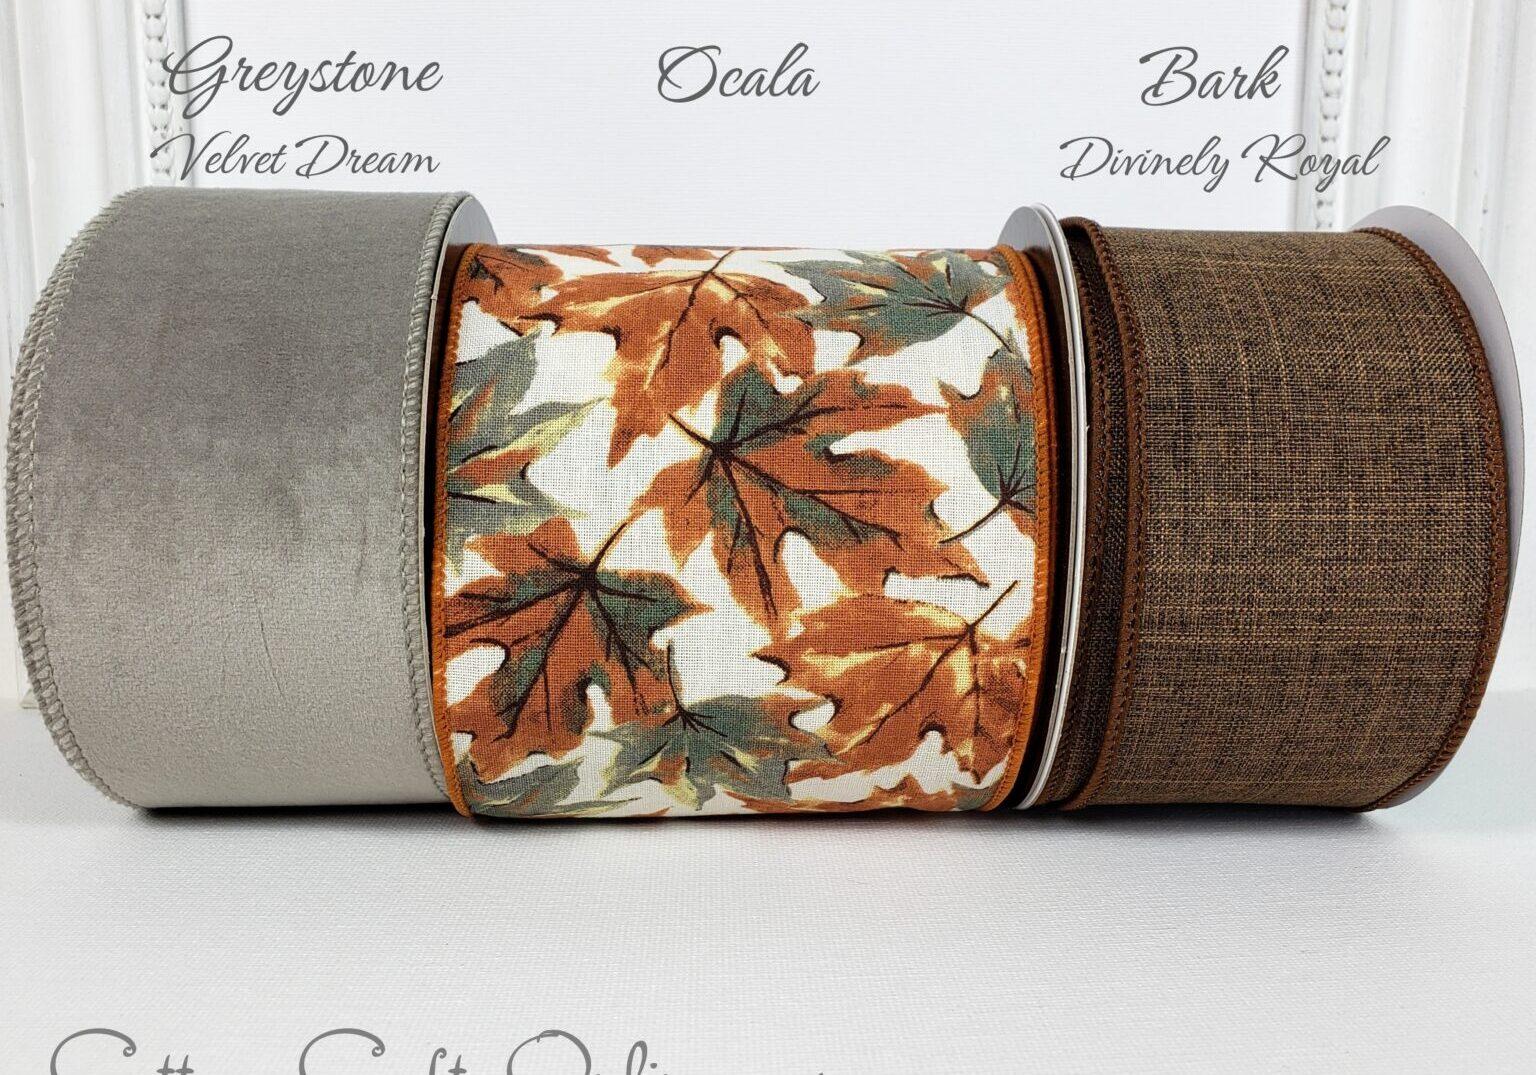 ds fall leaf leaves grey brown cream 100 combo velvet royal-007